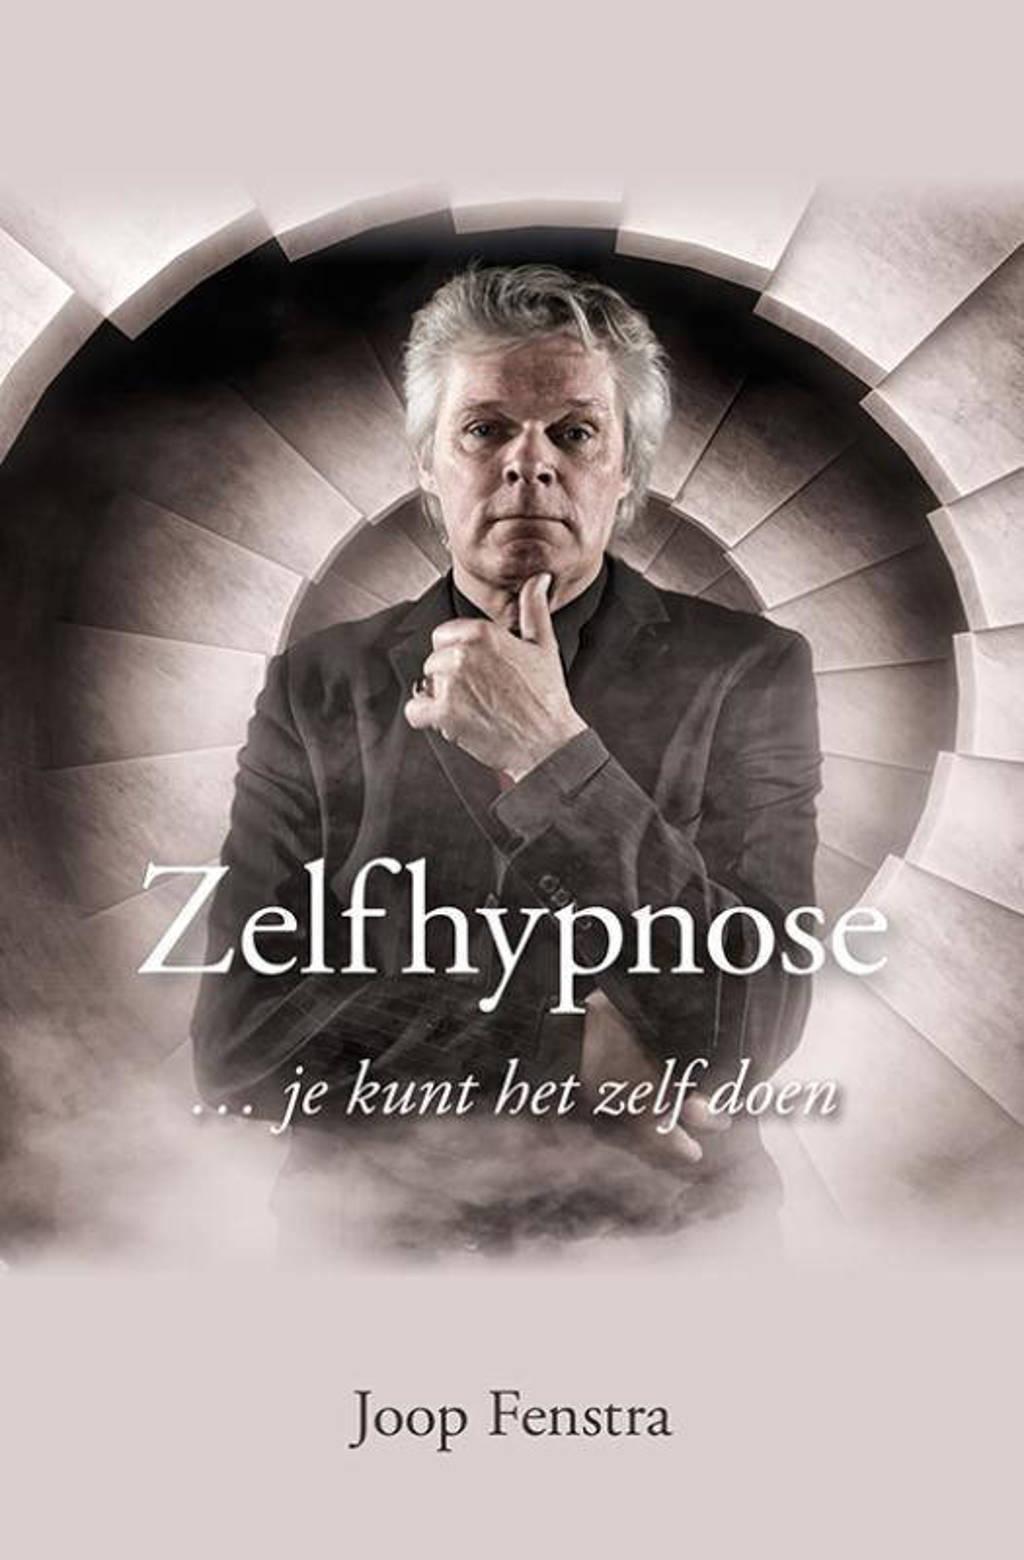 Zelfhypnose ... - Joop Fenstra